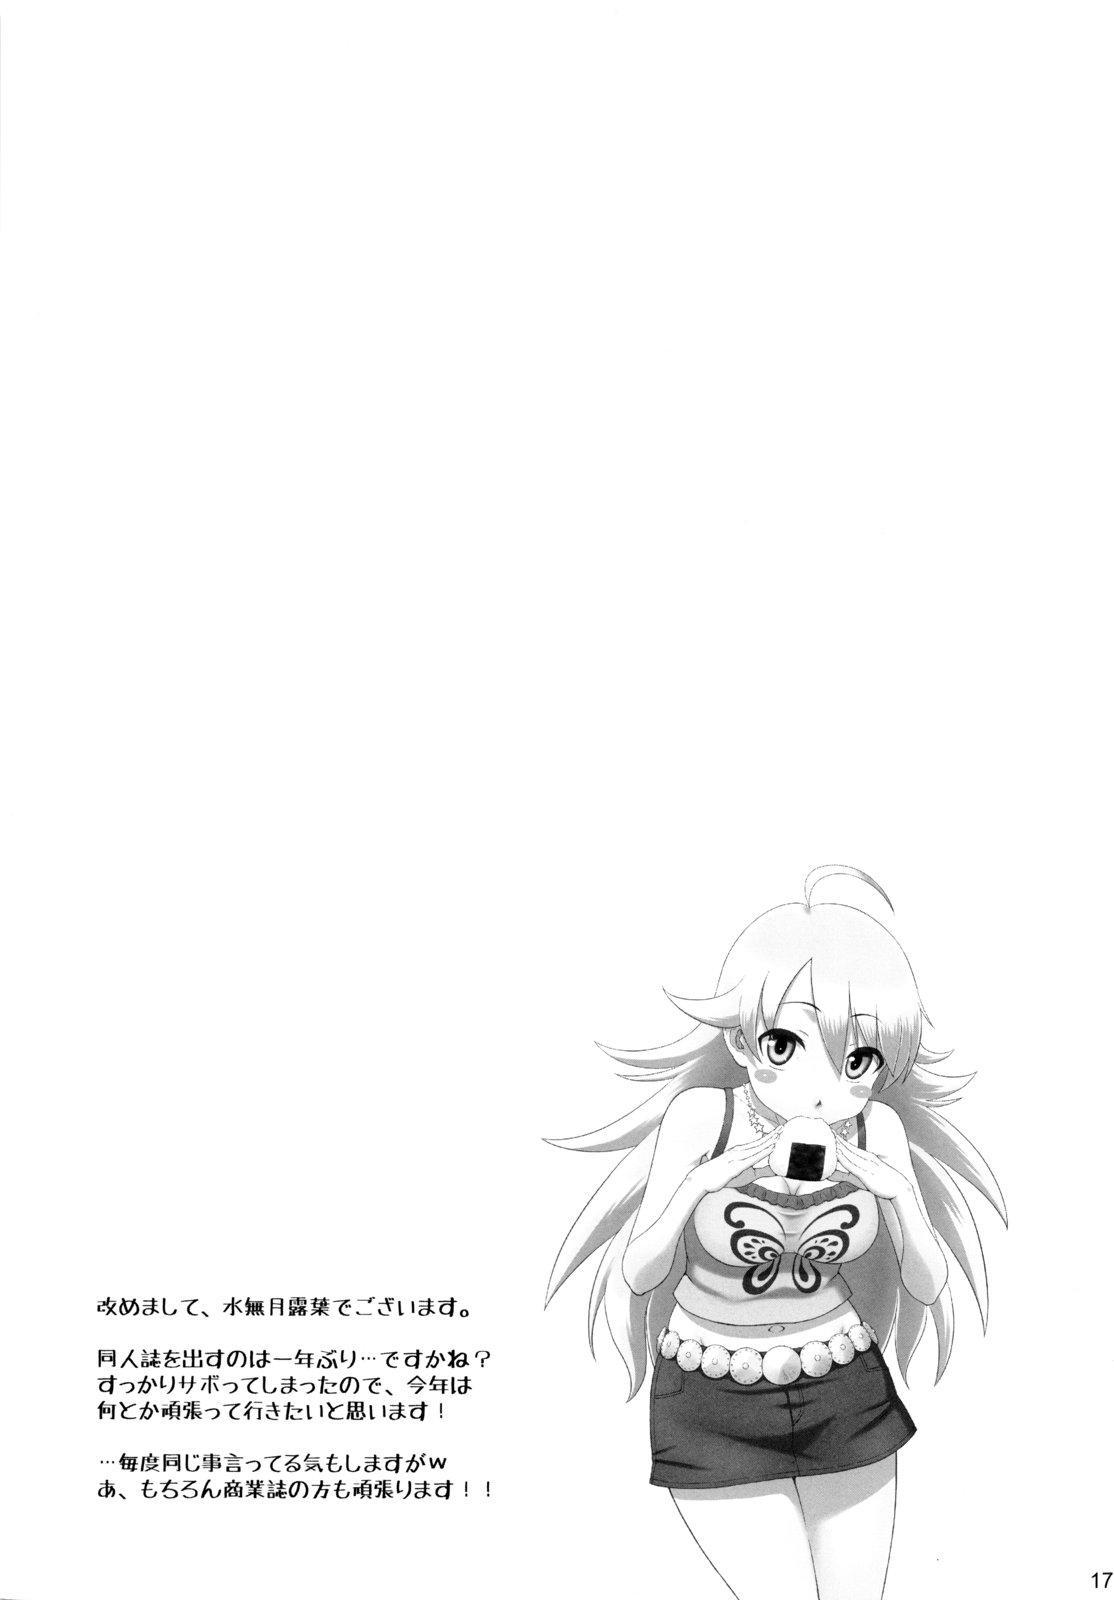 Miki ga Yome sugite Komaru. 15